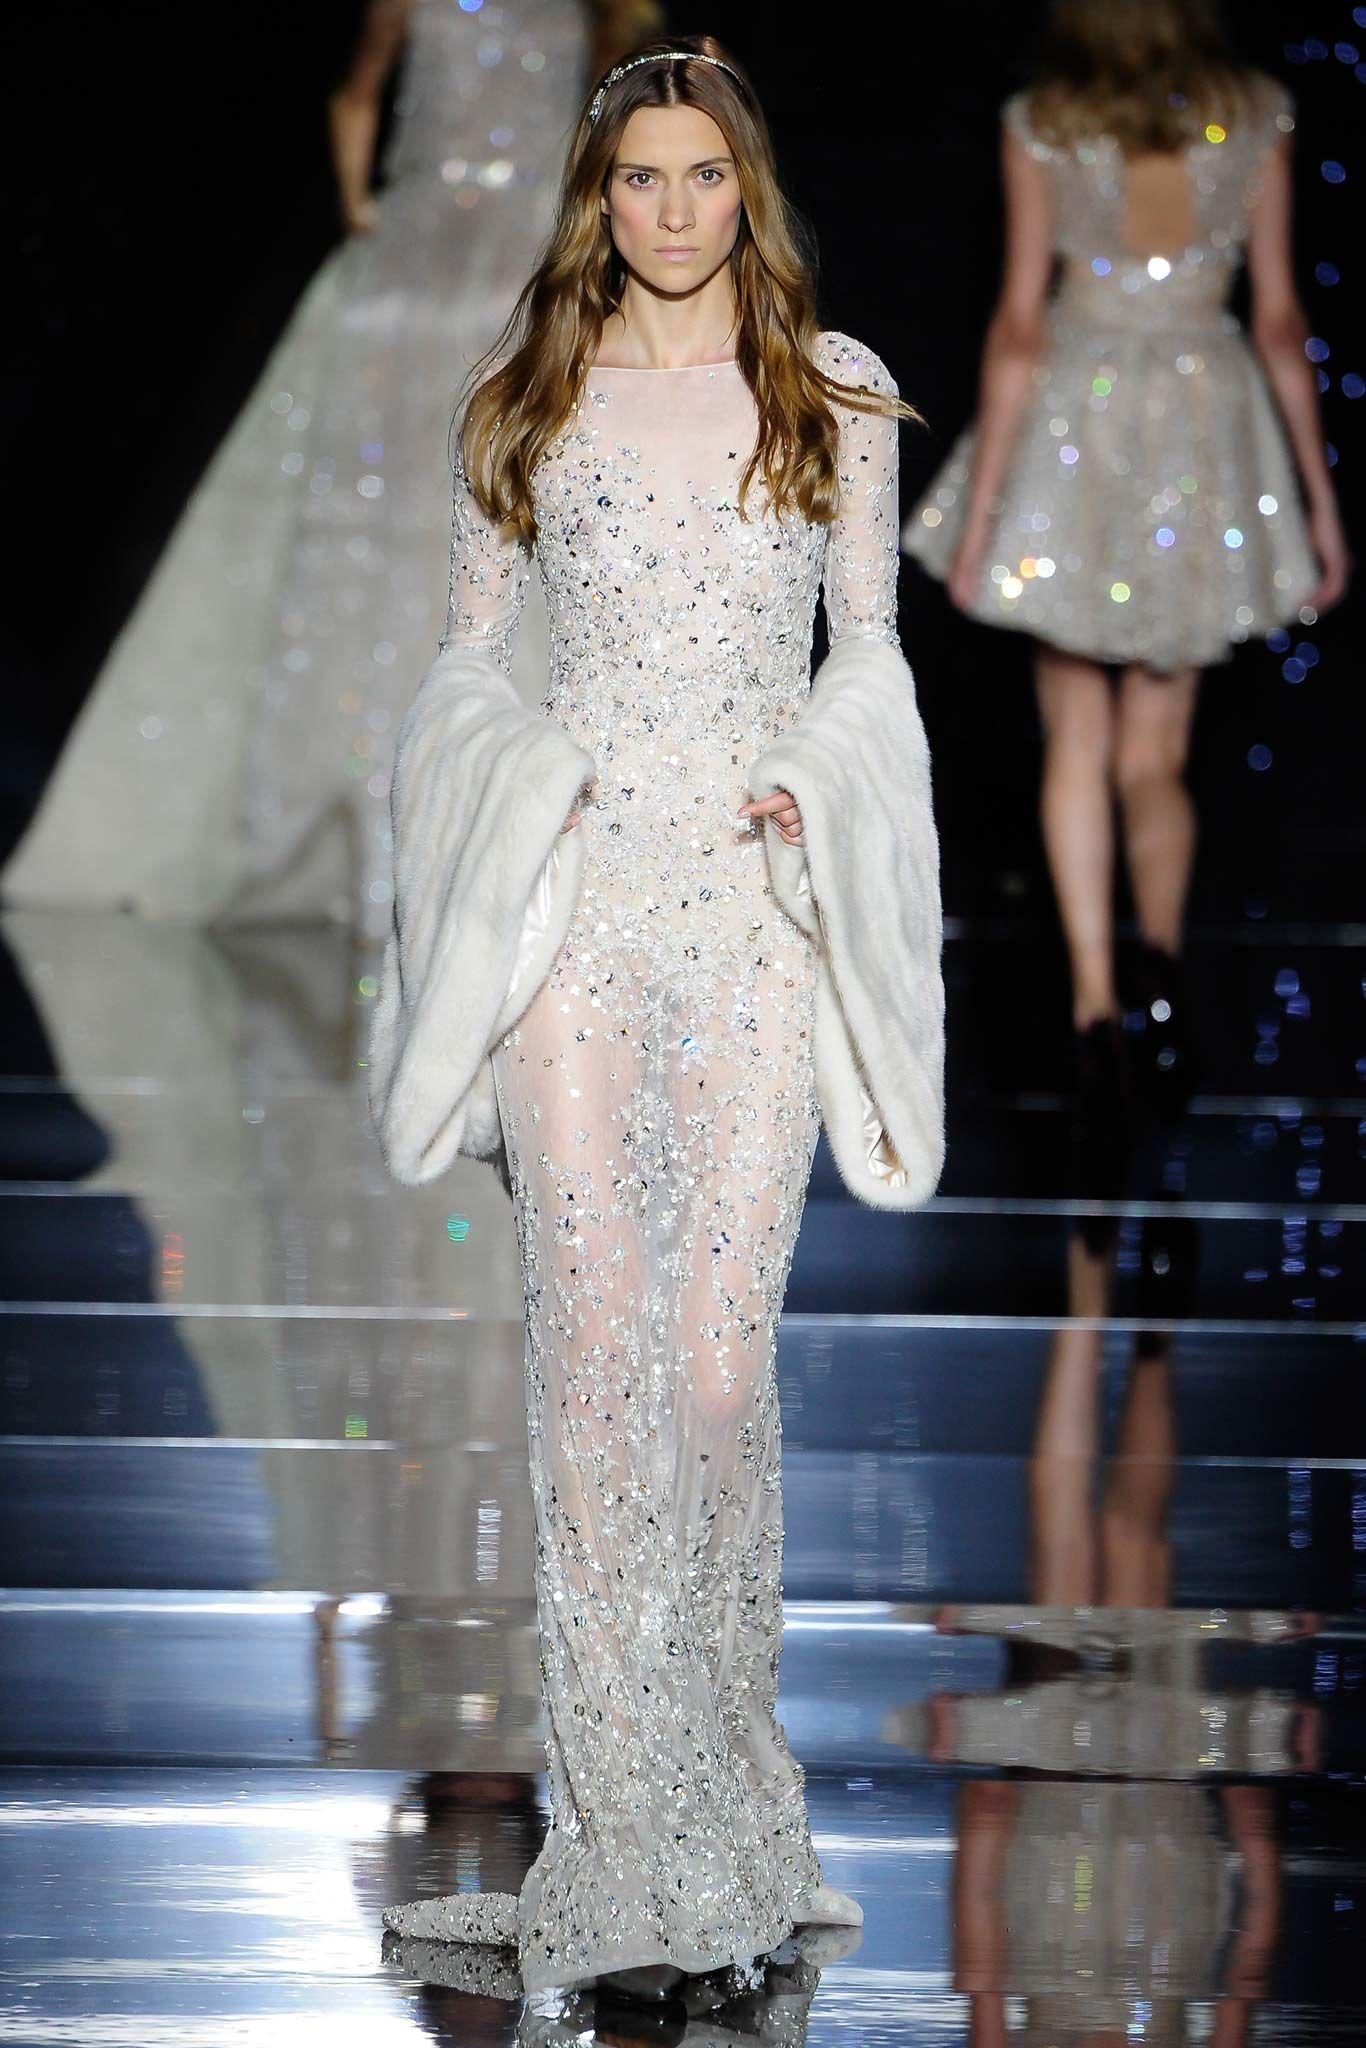 ca2f217e3d Zuhair Murad Fall 2015 Couture Collection Photos - Vogue